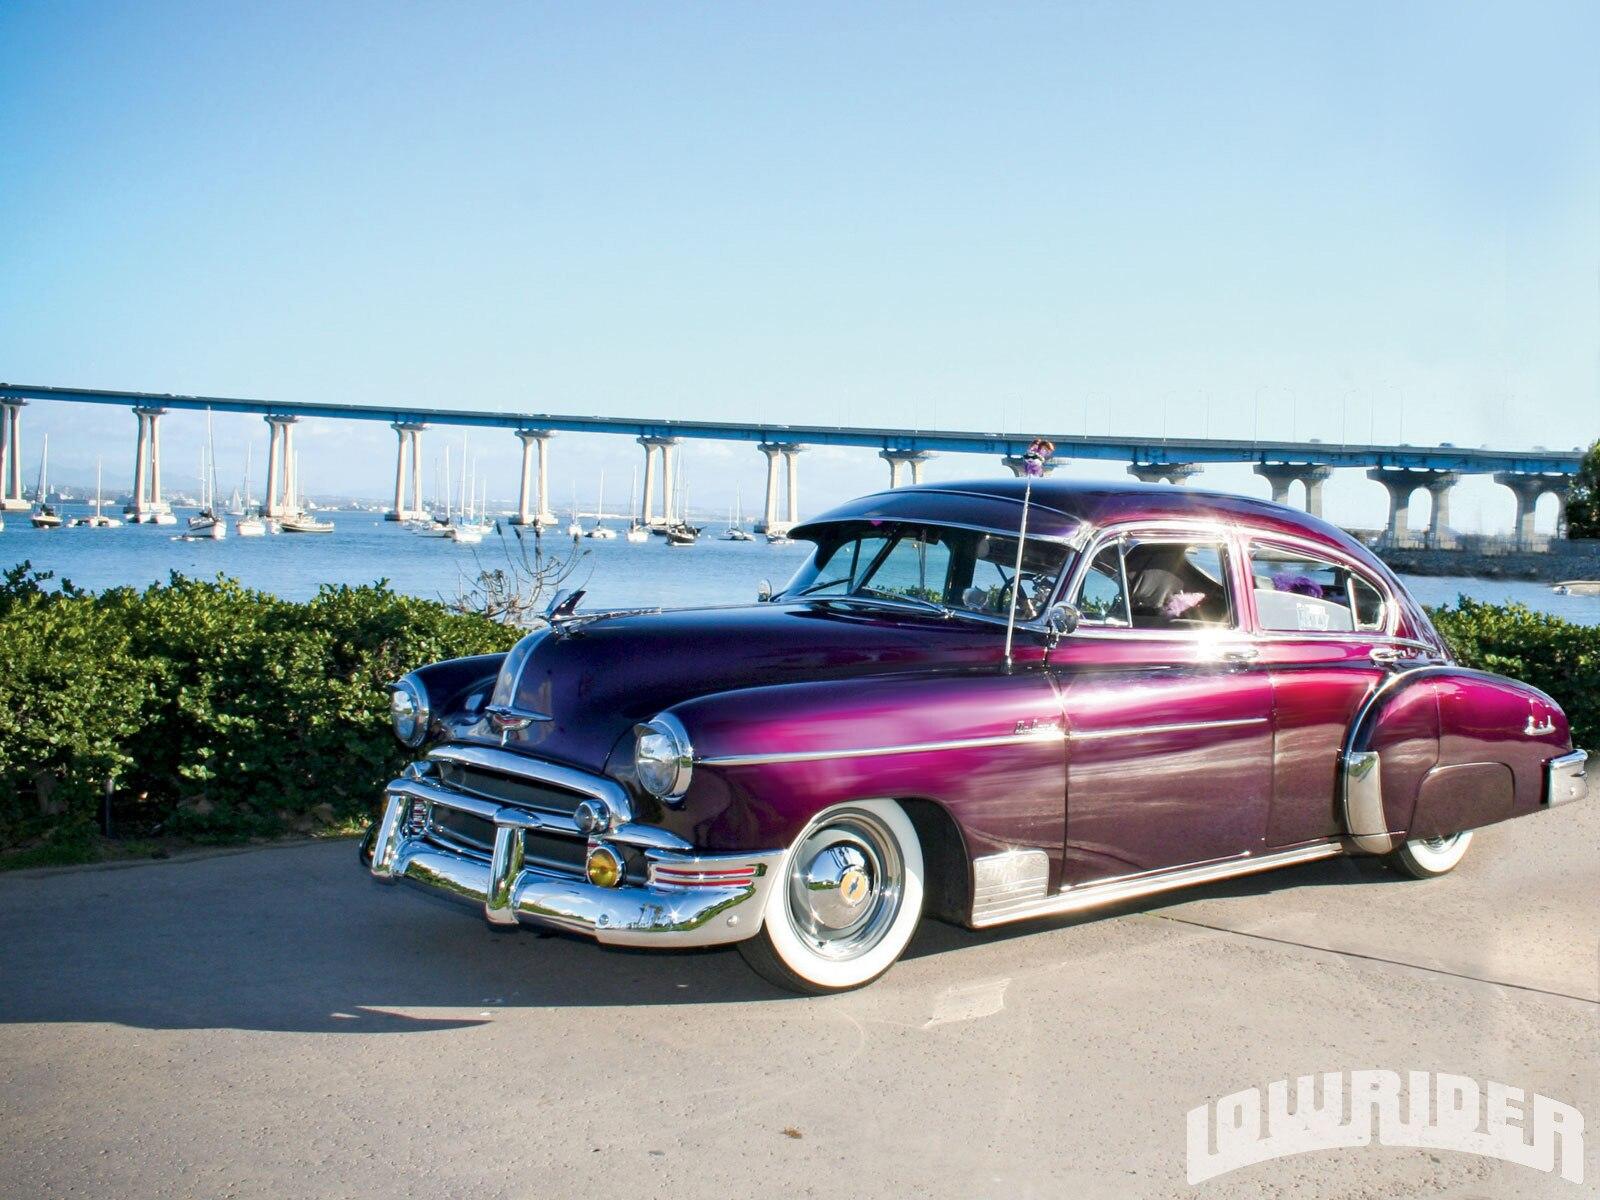 1950 Chevy Hubcaps For Sale  Vintage Car Parts